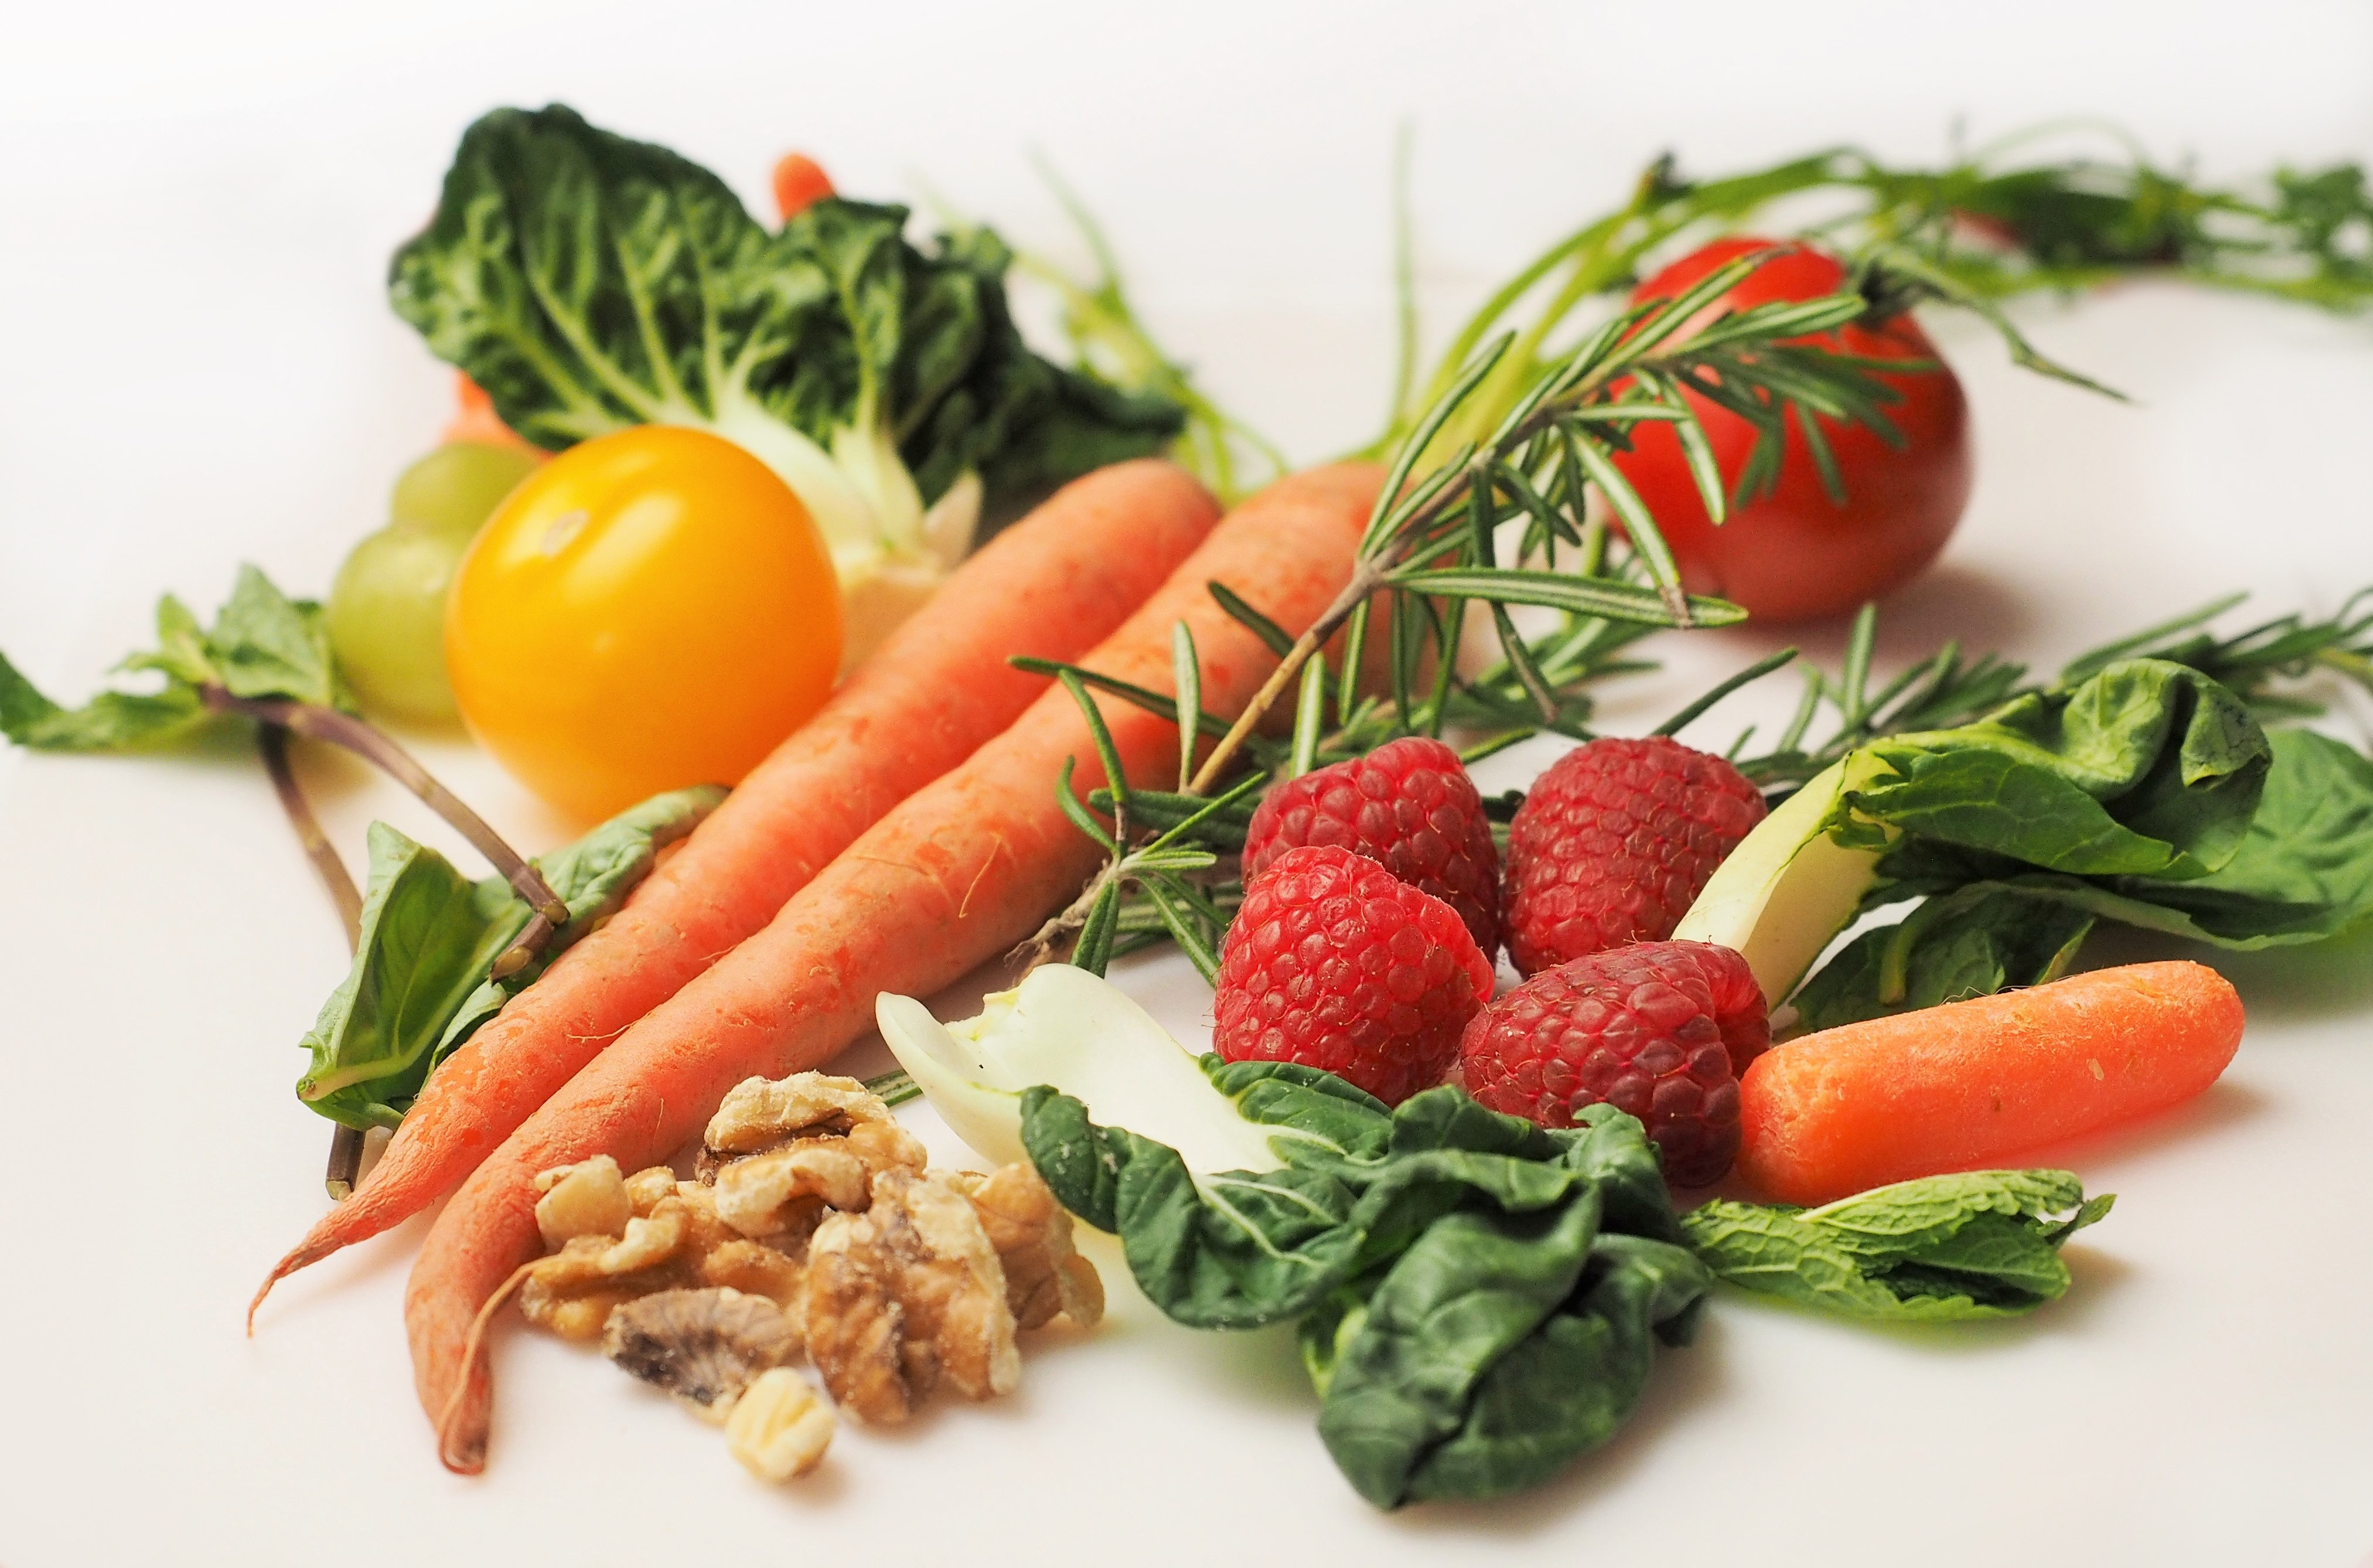 antioxidans-diat-diaten-33307